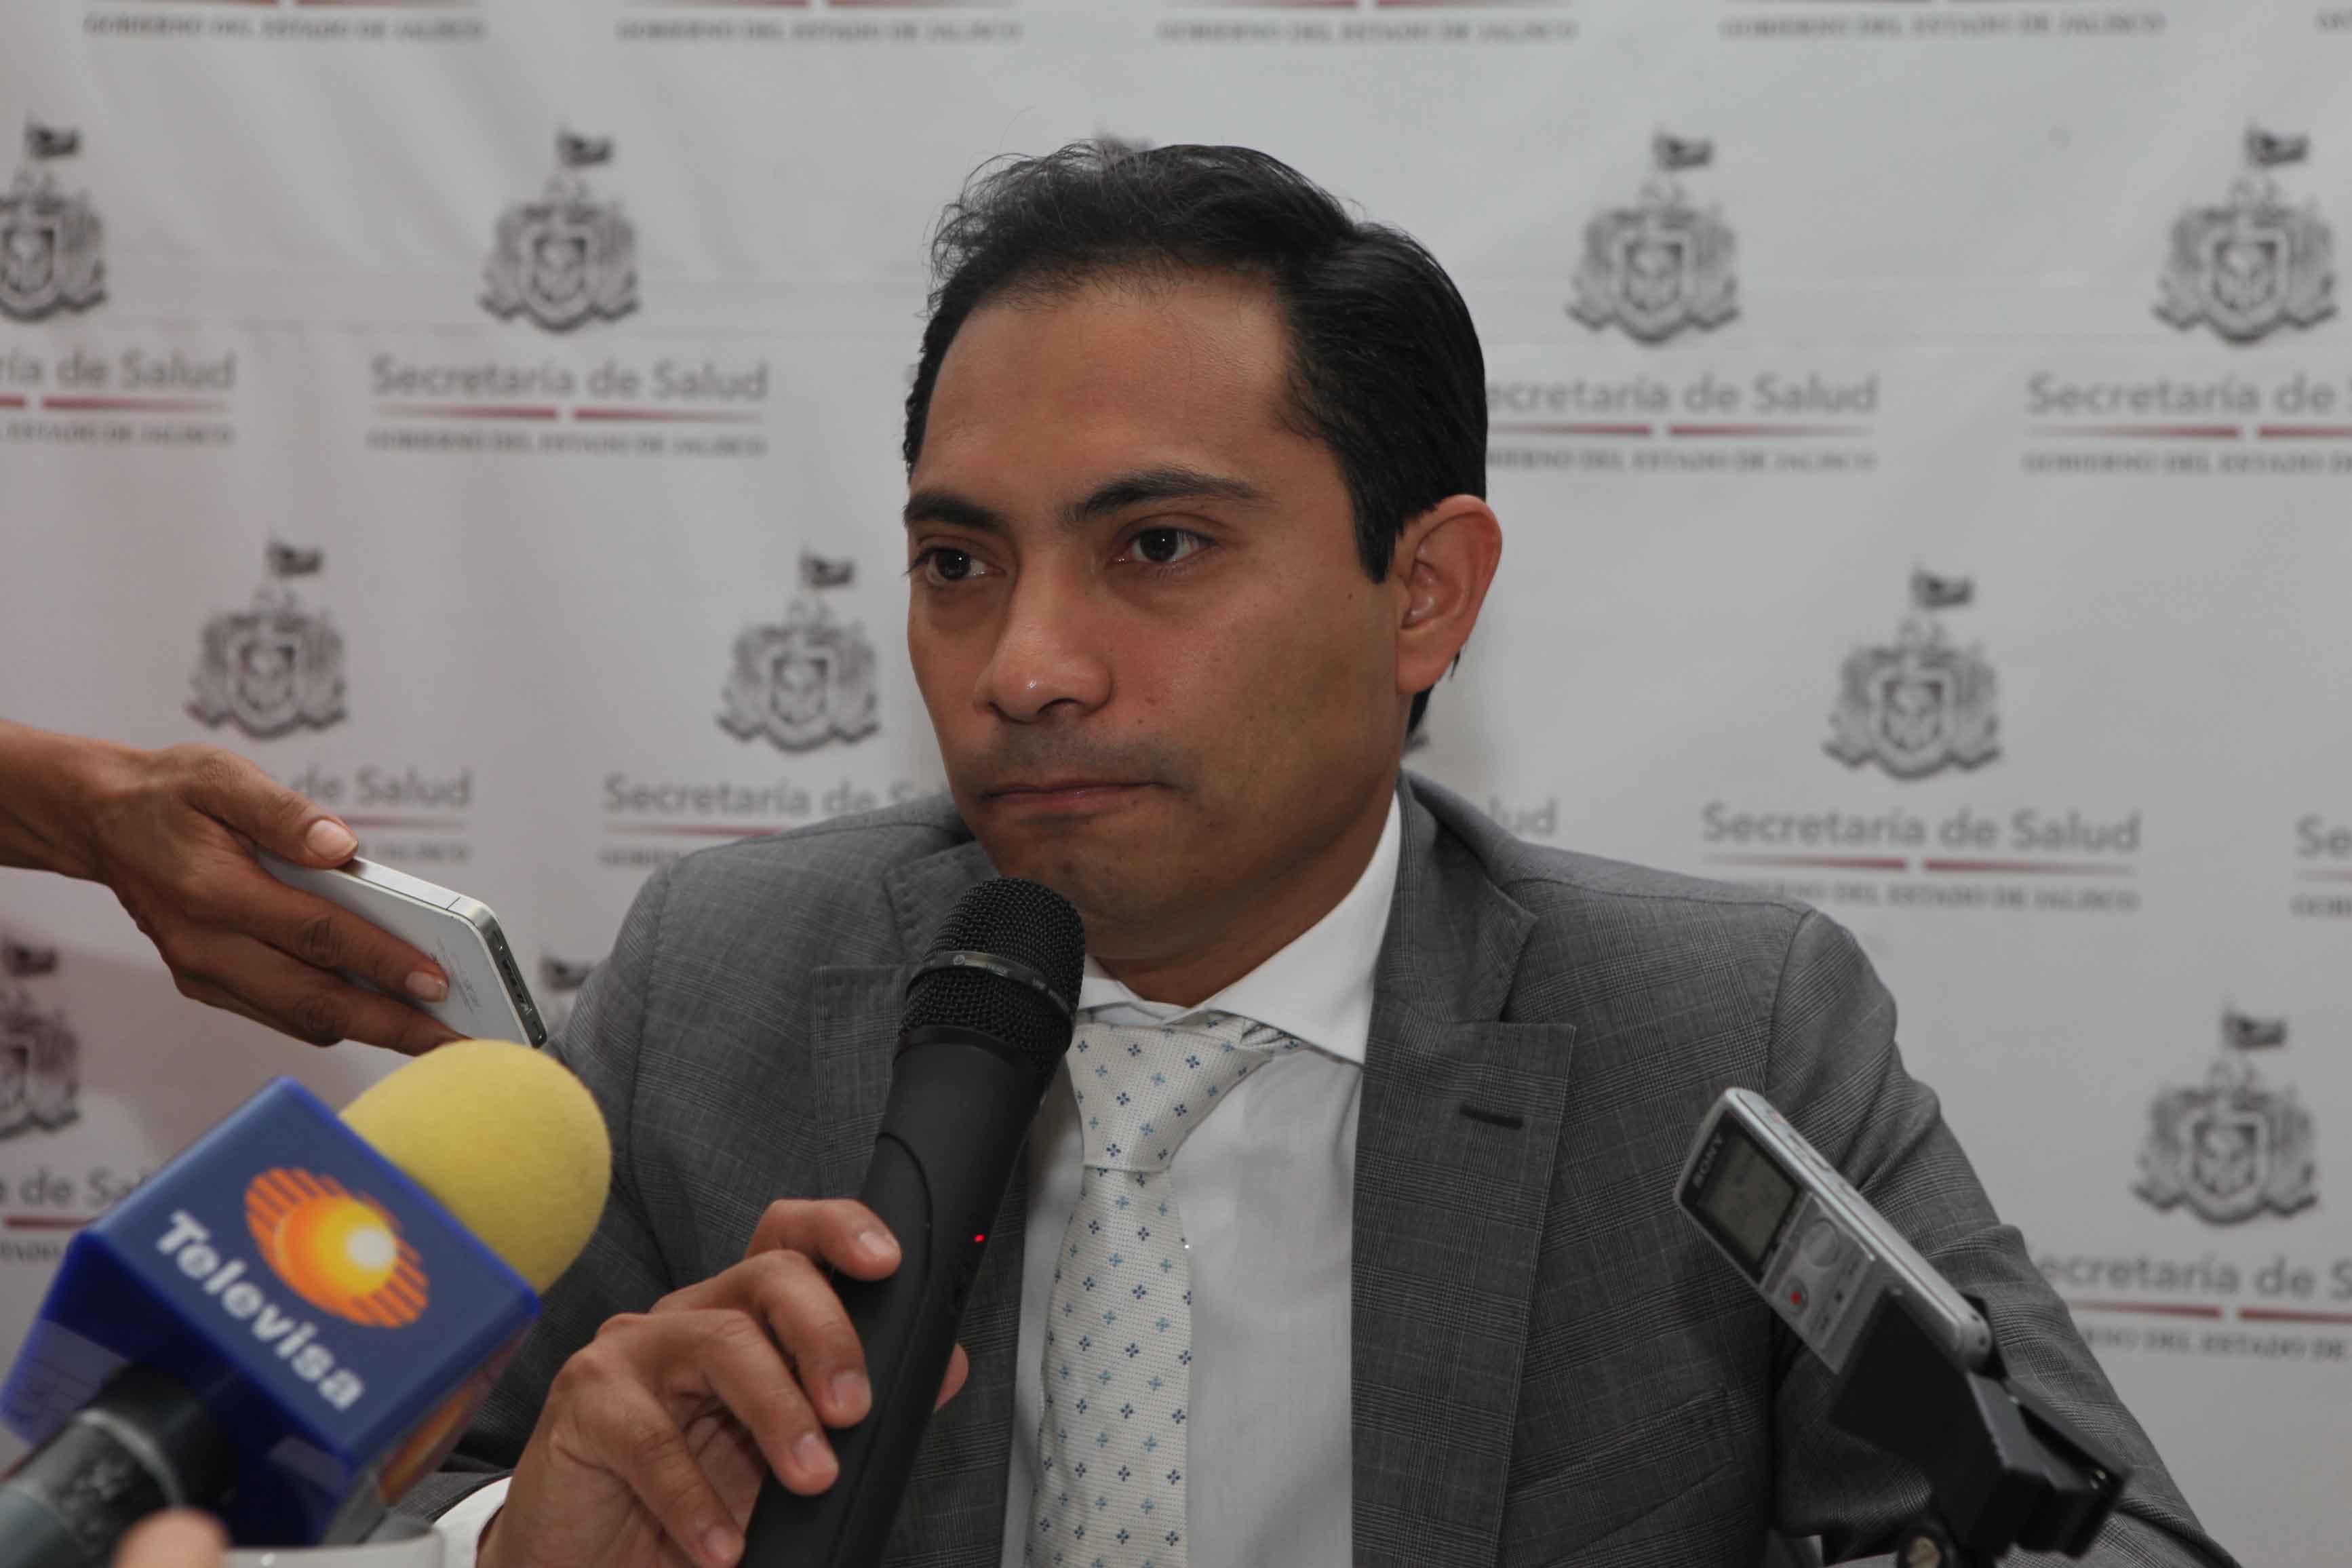 SSJ da a conocer acciones para prevenir casos de clembuterol